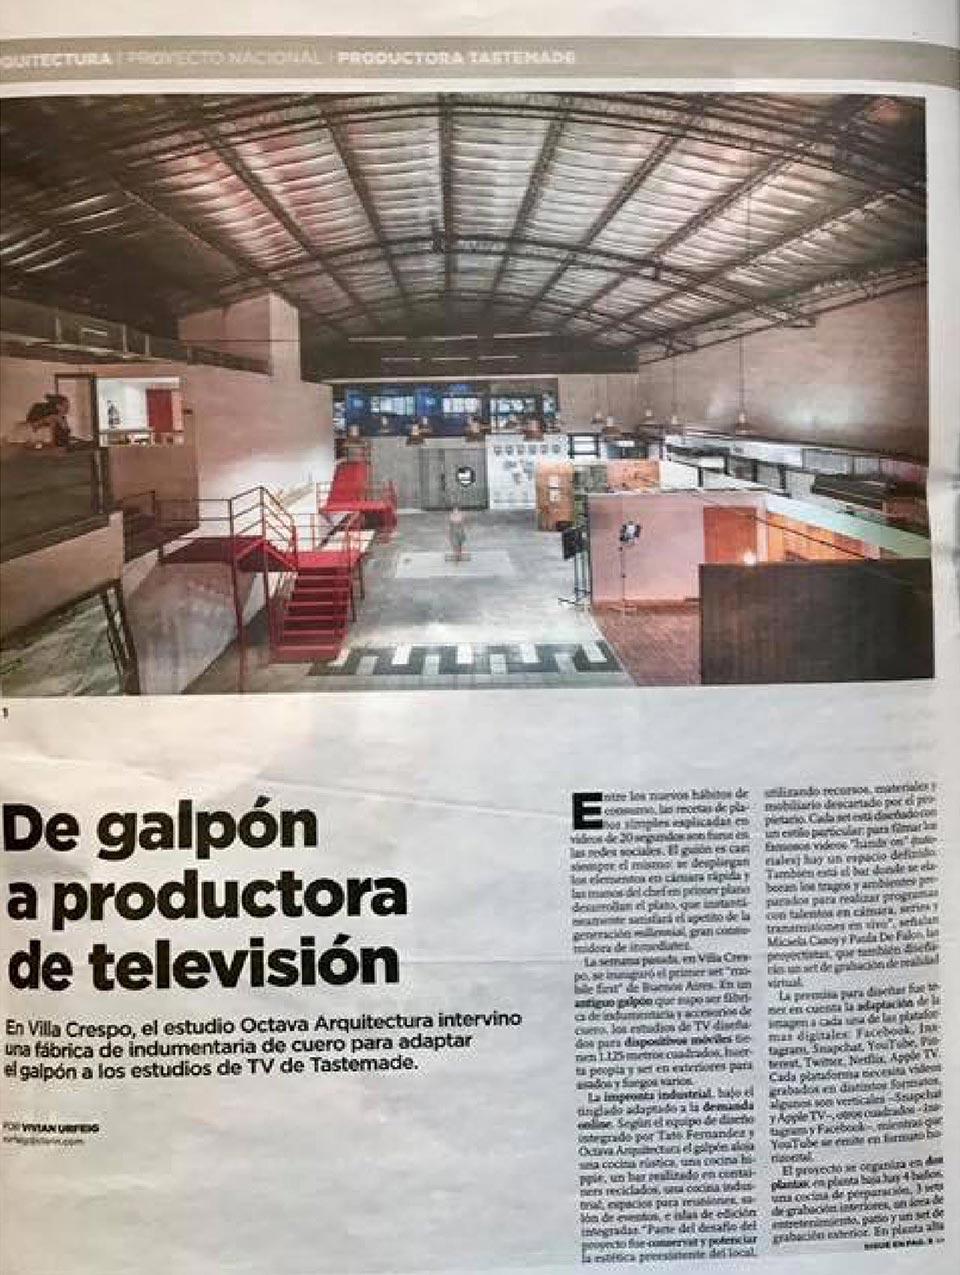 Artículo de Octava Arquitectura en Clarín